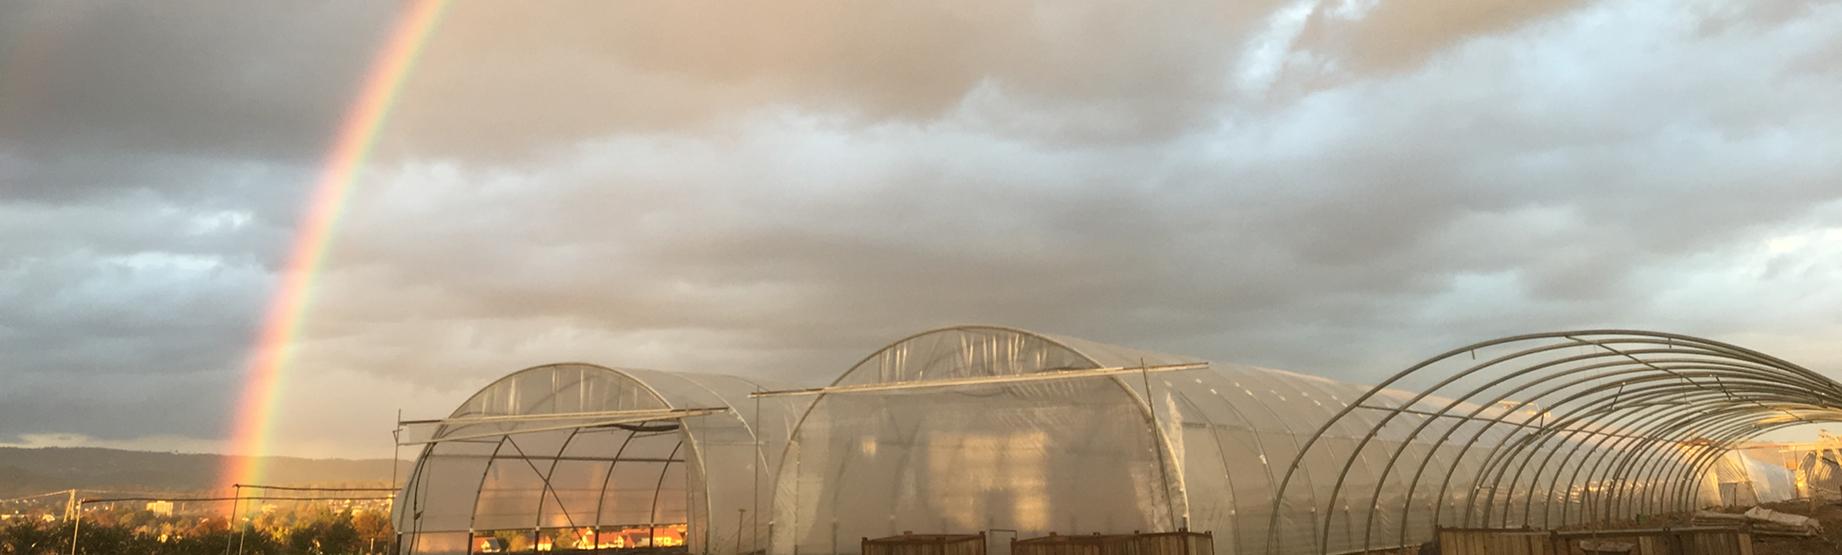 Regenbogen über Backnang